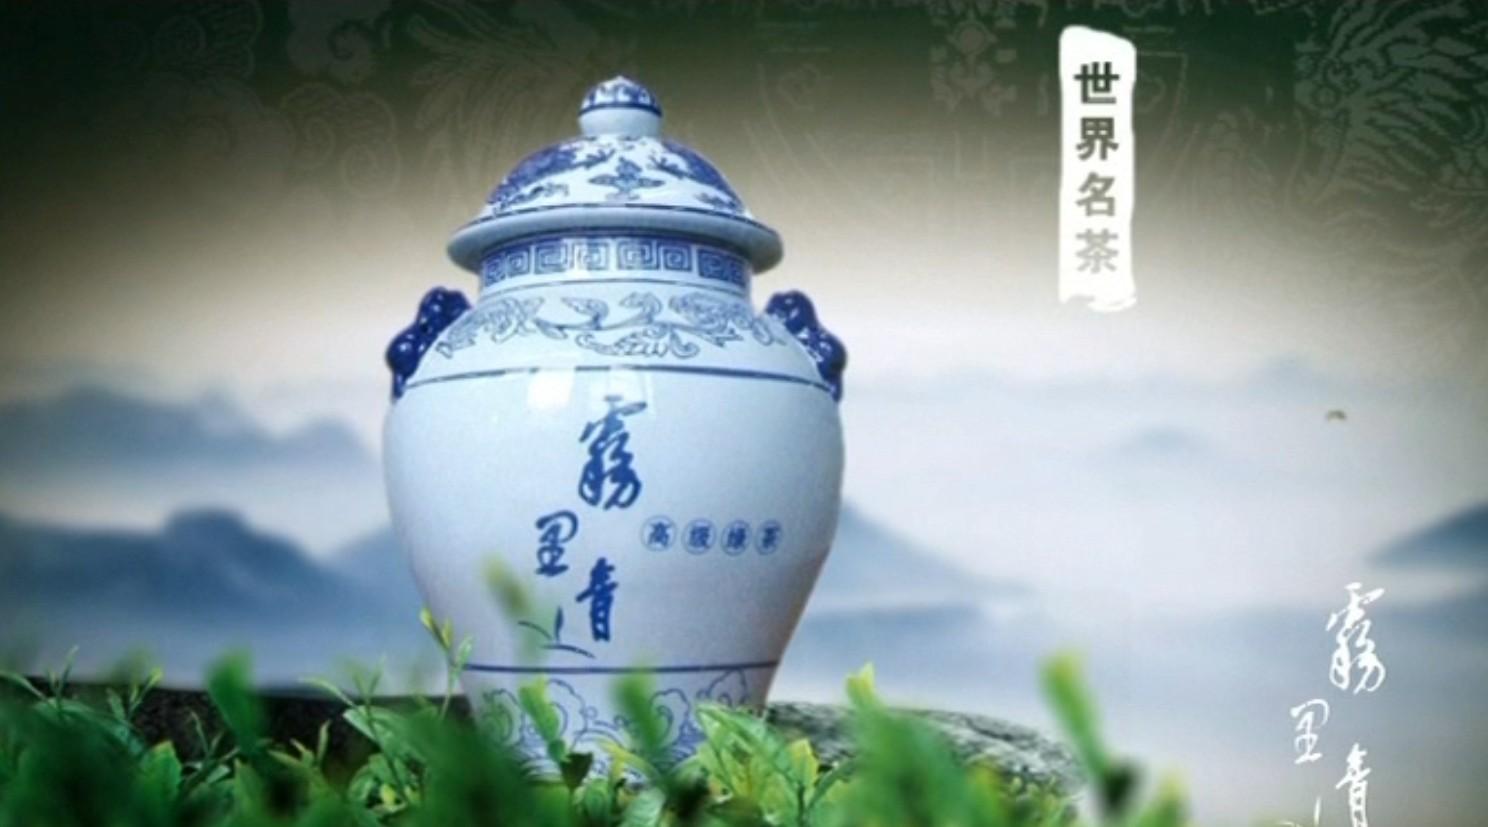 茶叶类-安徽第一部茶叶胶片tvc 广告(雾里清)图片